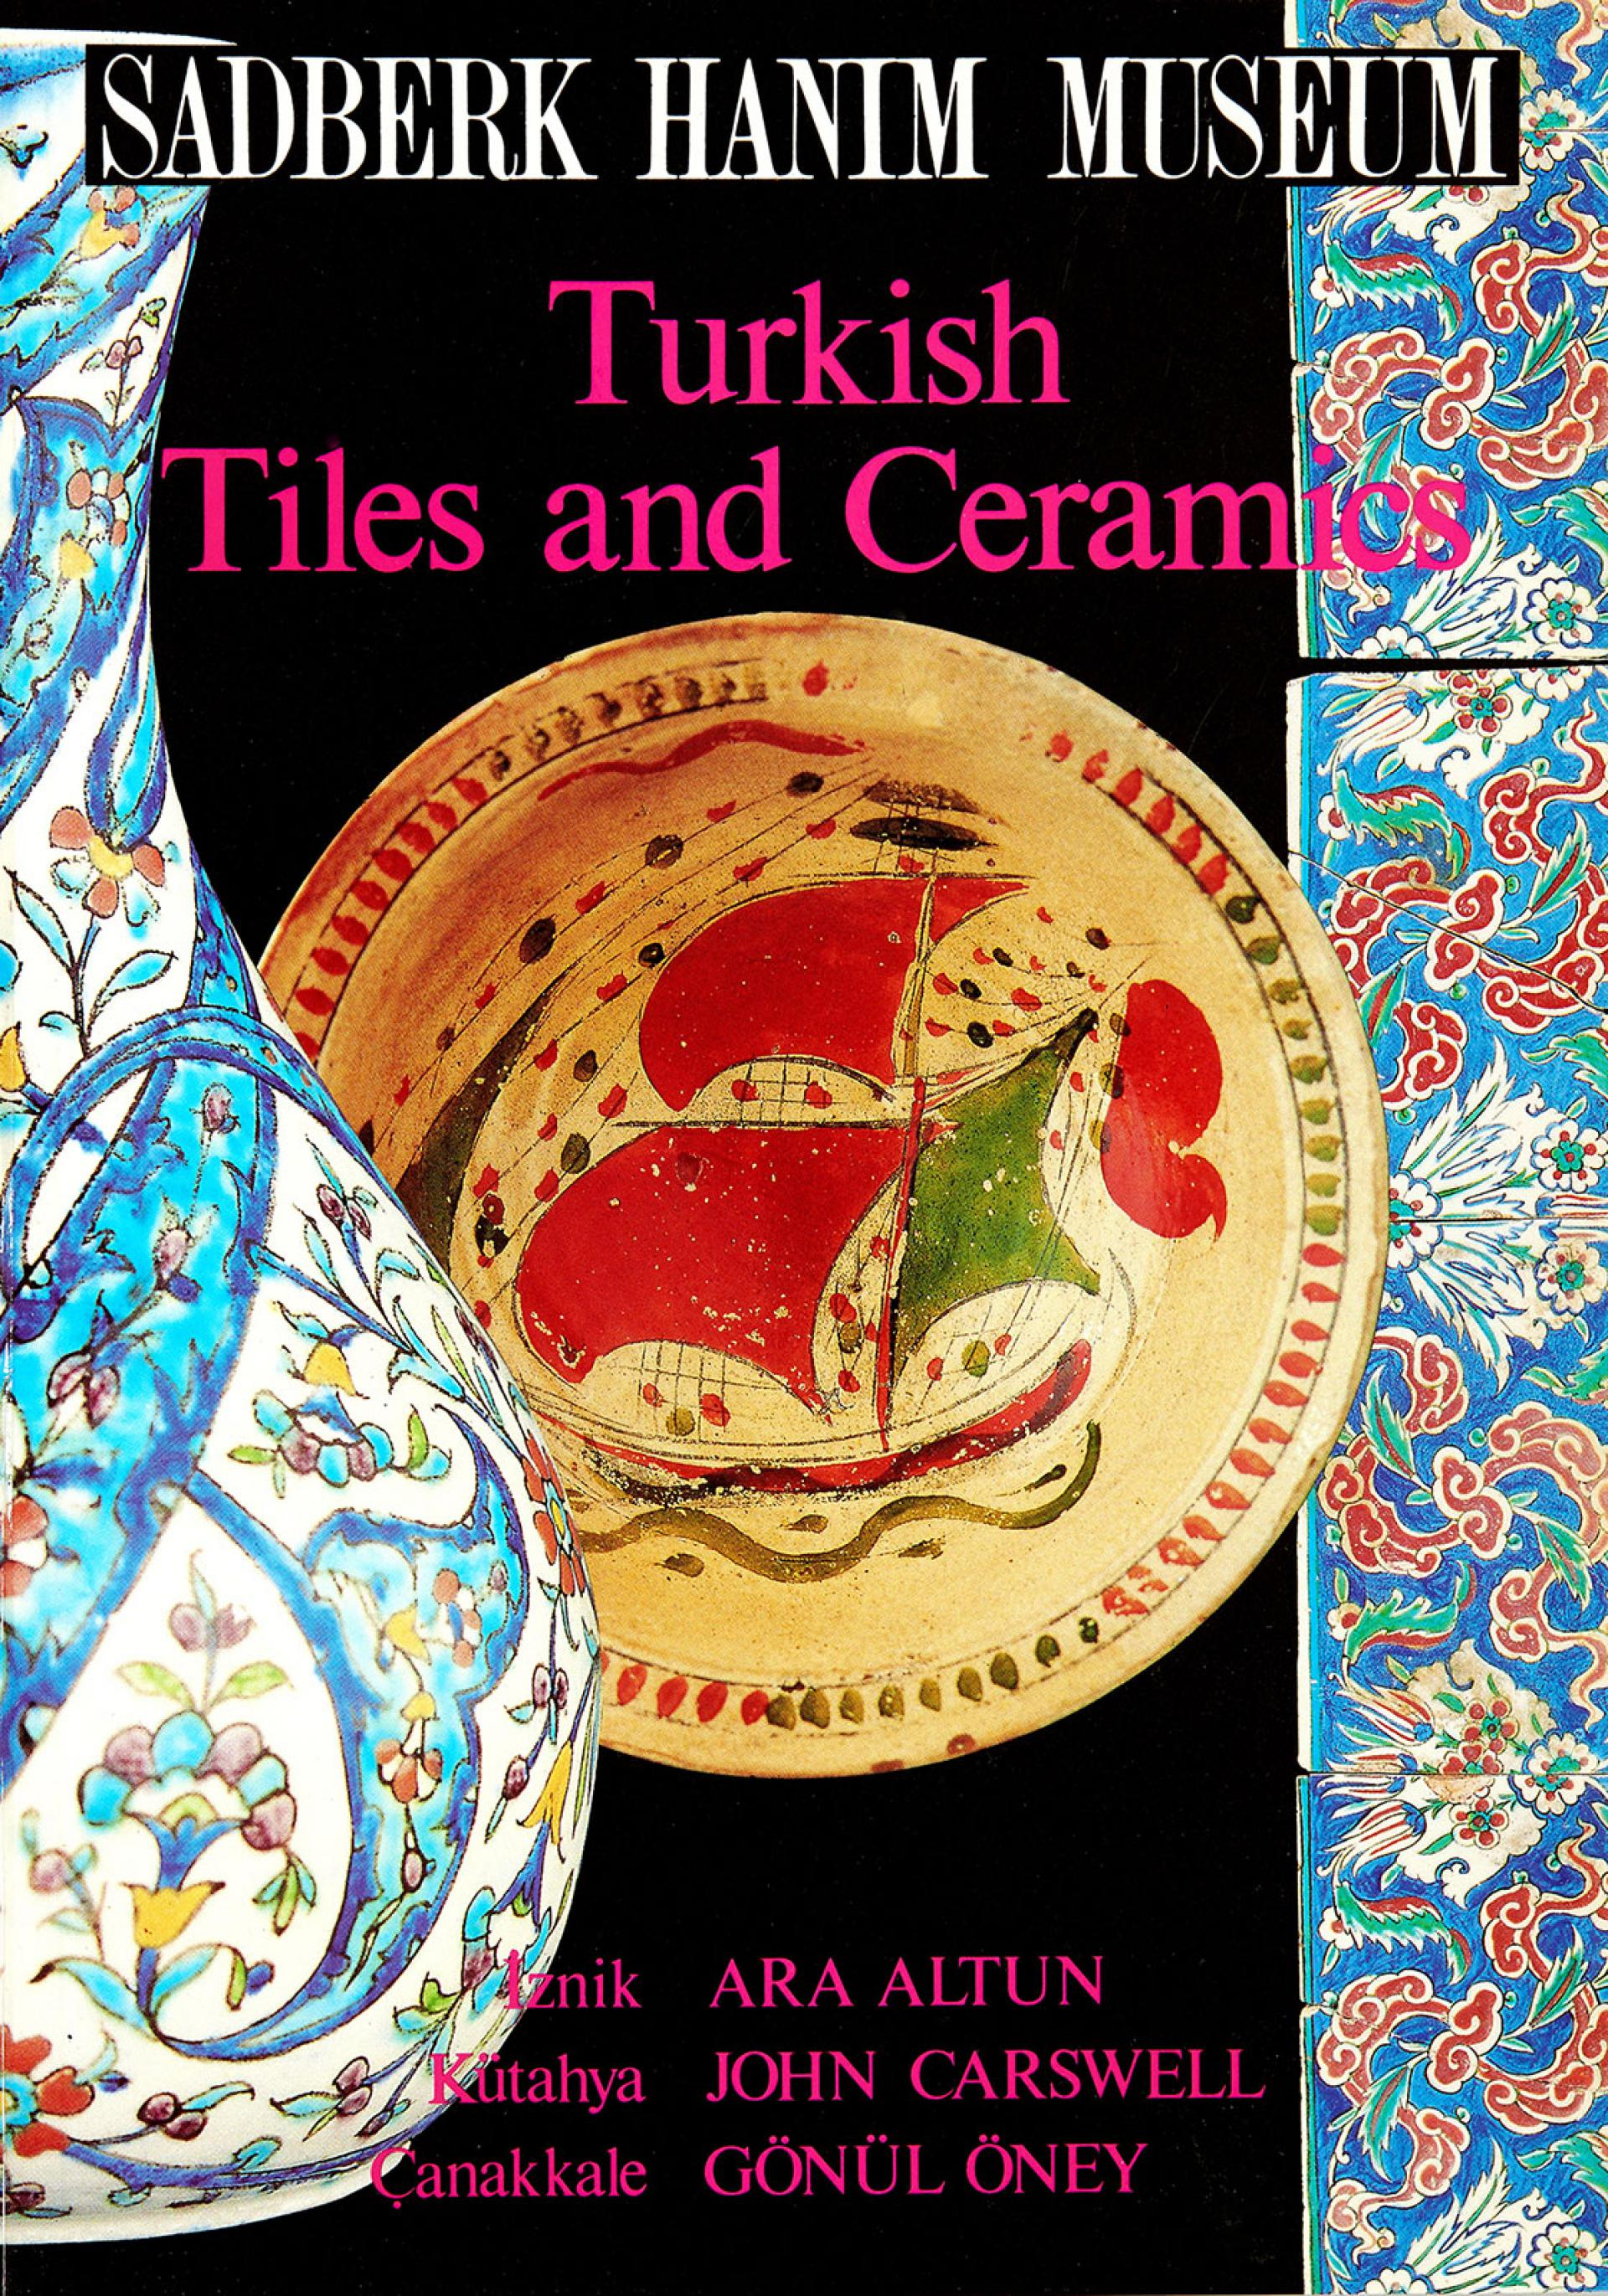 Turkish Tiles and Ceramics - KİTAPLAR - Sadberk Hanım Müzesi